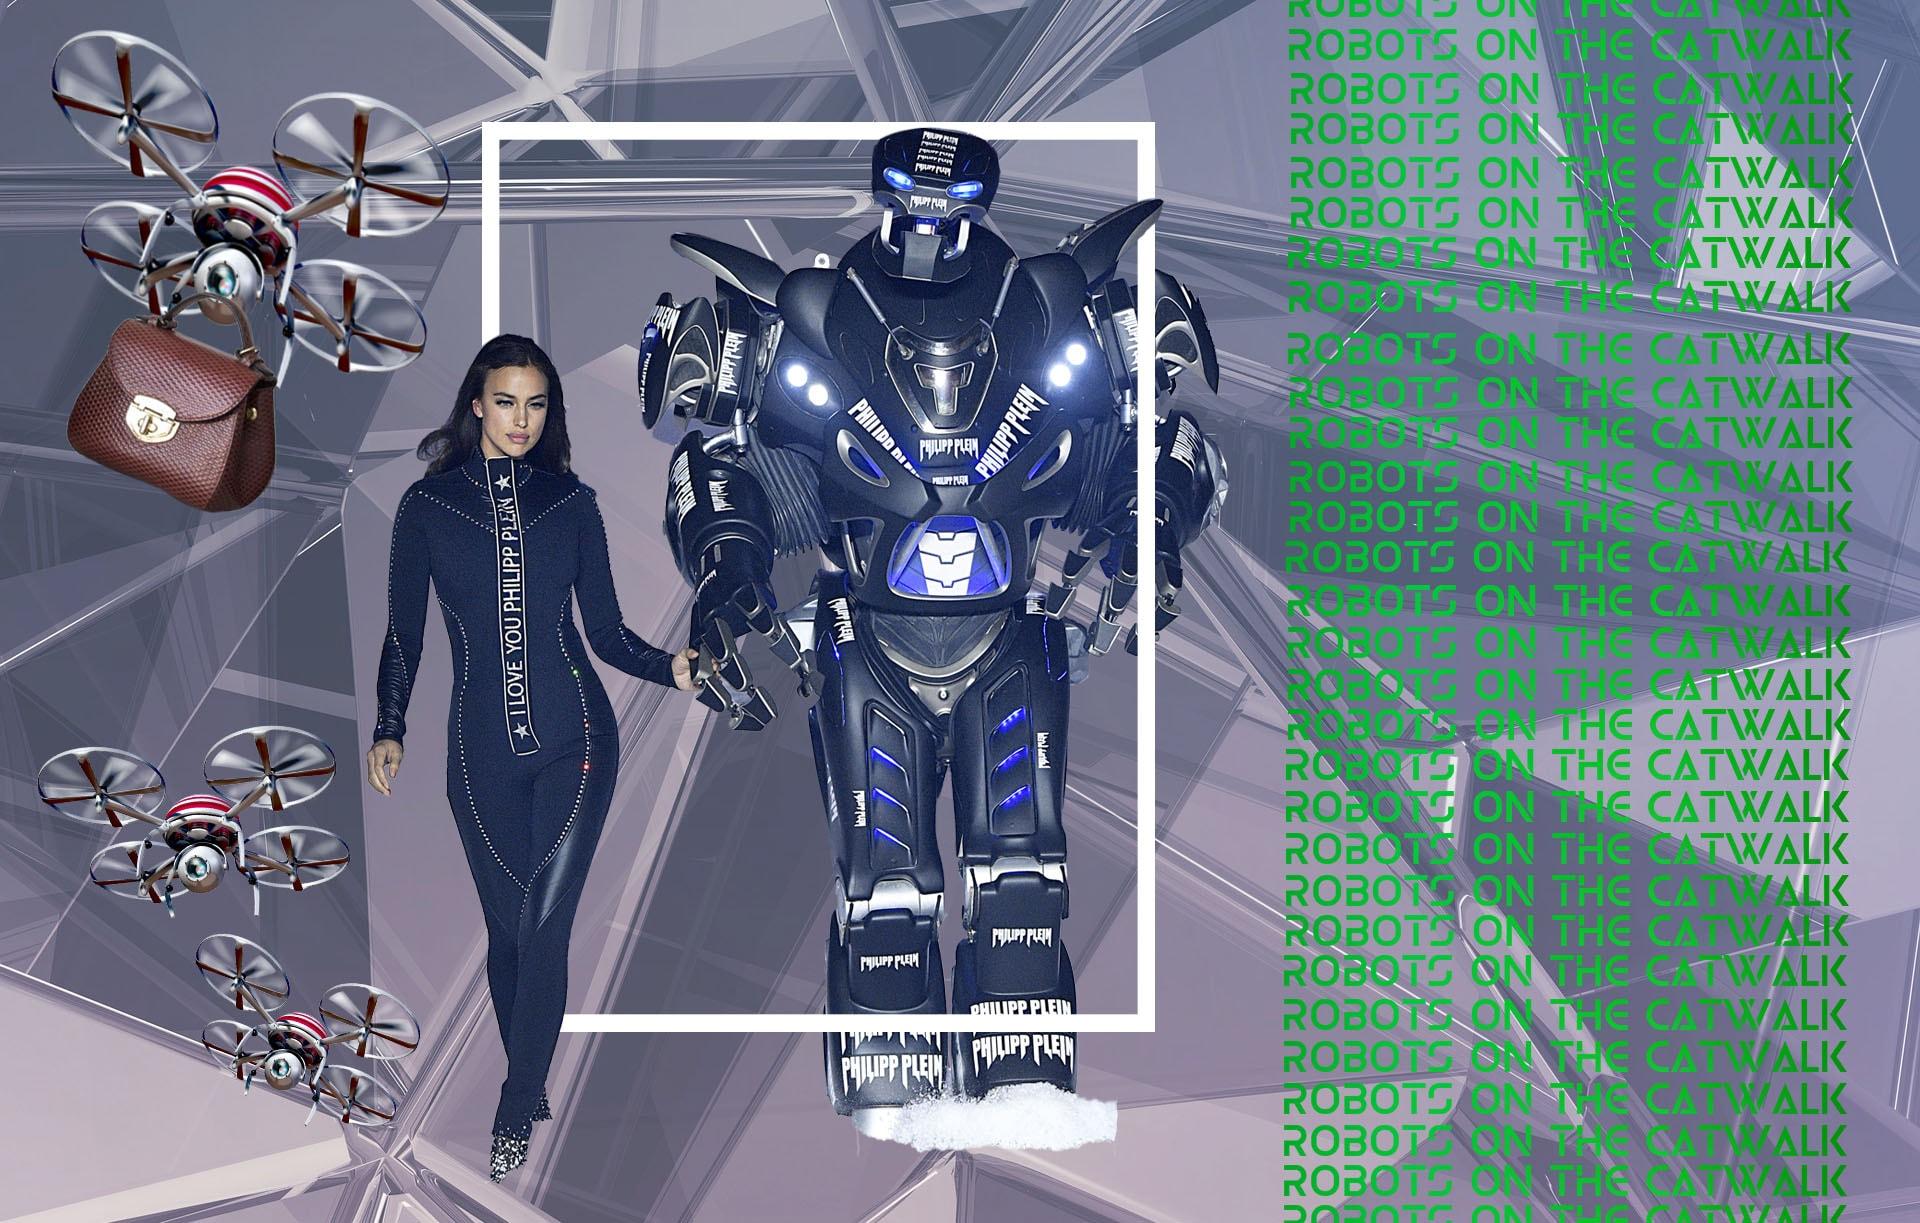 Robot-revolutie: De fascinatie van de modewereld met technologie op de catwalk